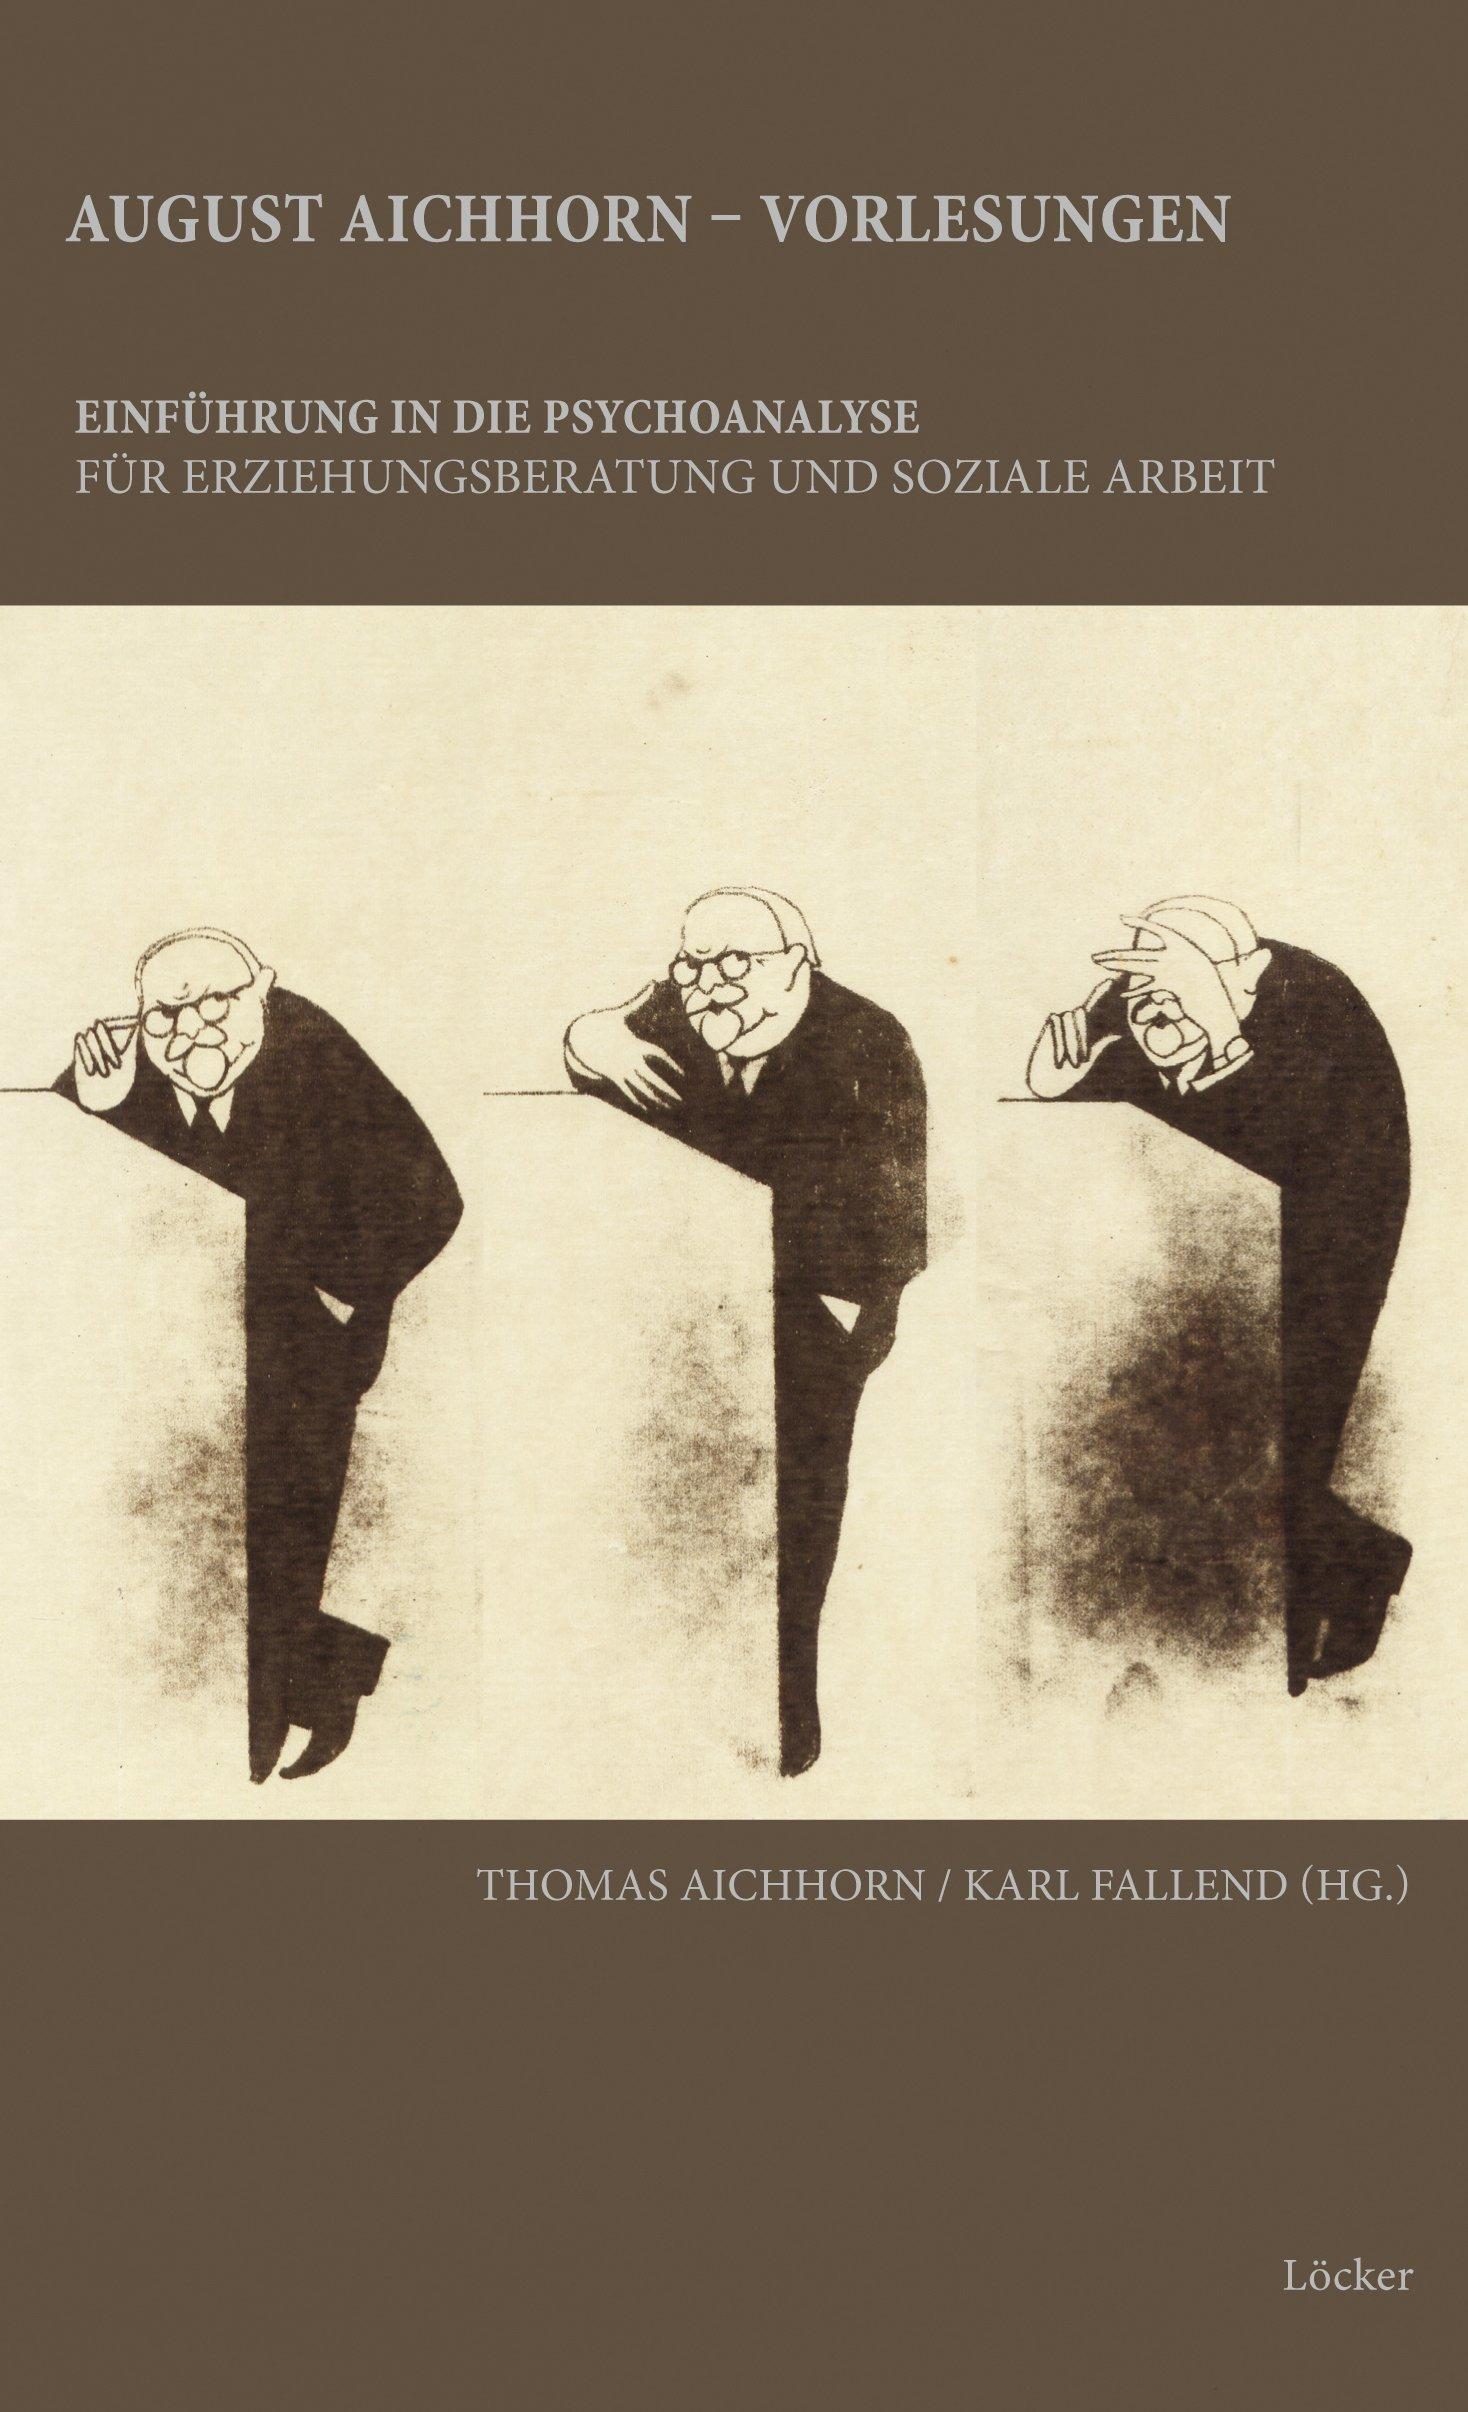 August Aichhorn - Vorlesungen zur Einführung in die Psychoanalyse